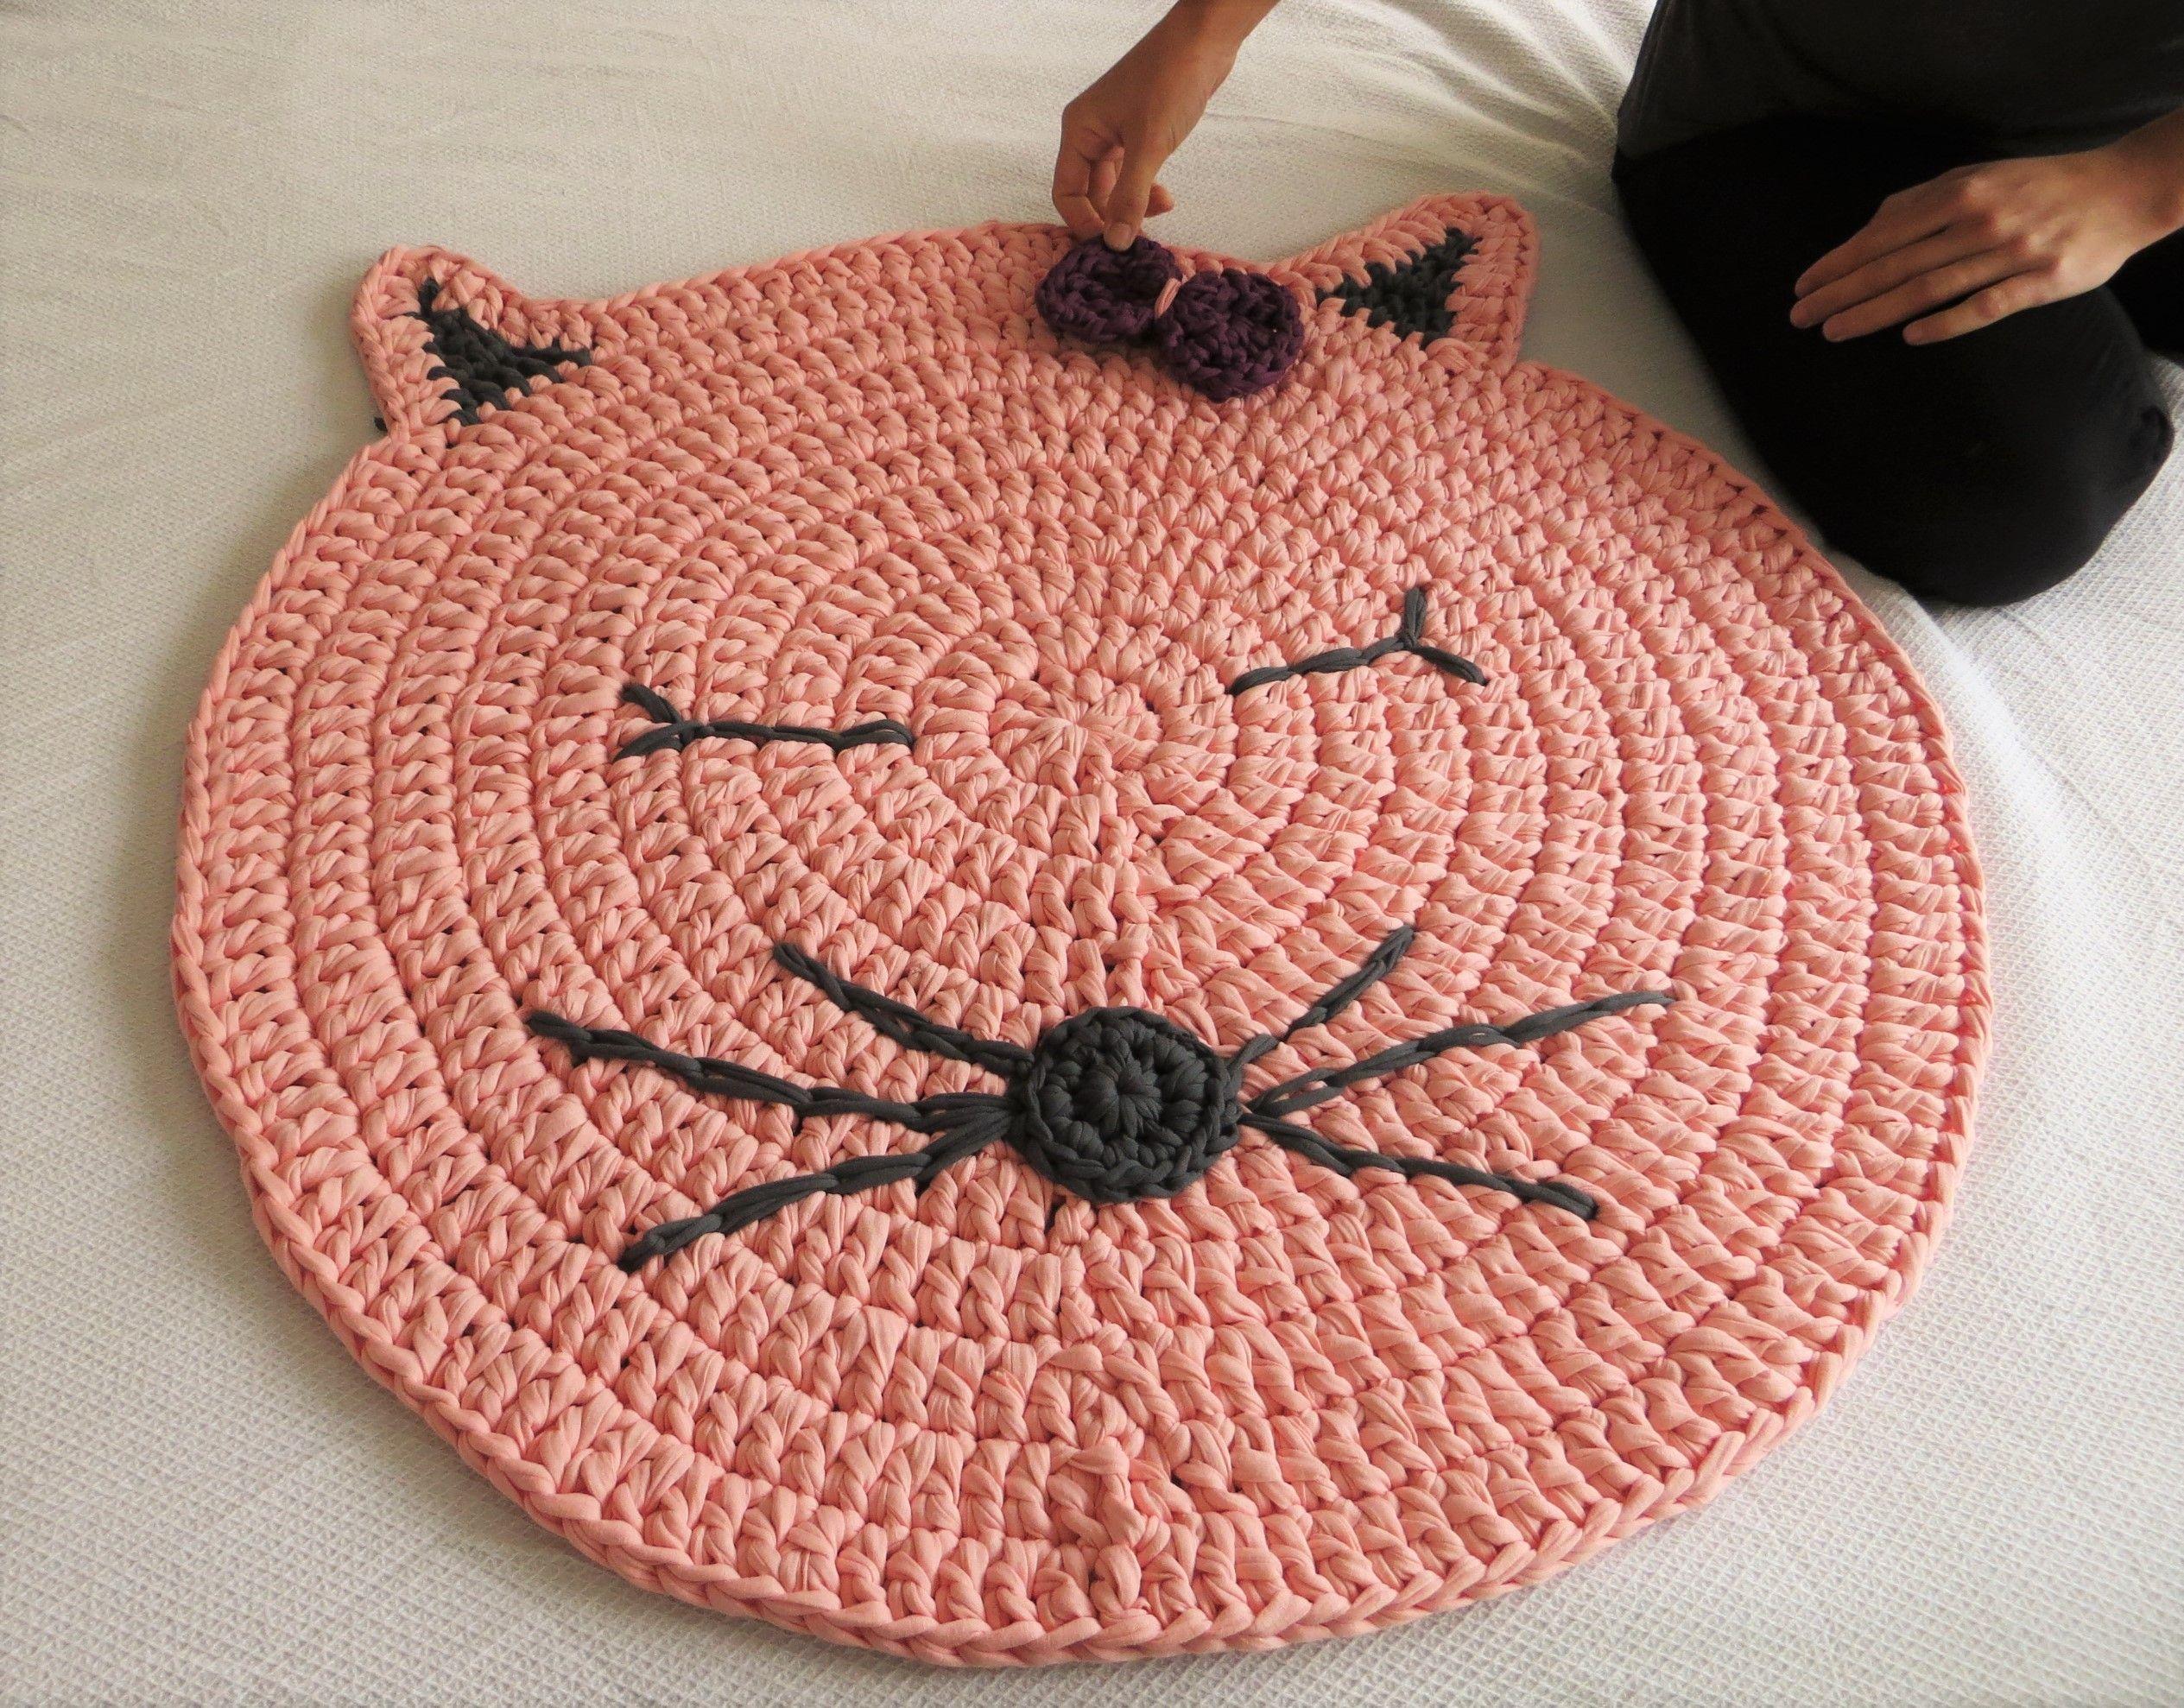 alfombra de trapillo para nios y bebes hecha a mano muy utilizada para hacer